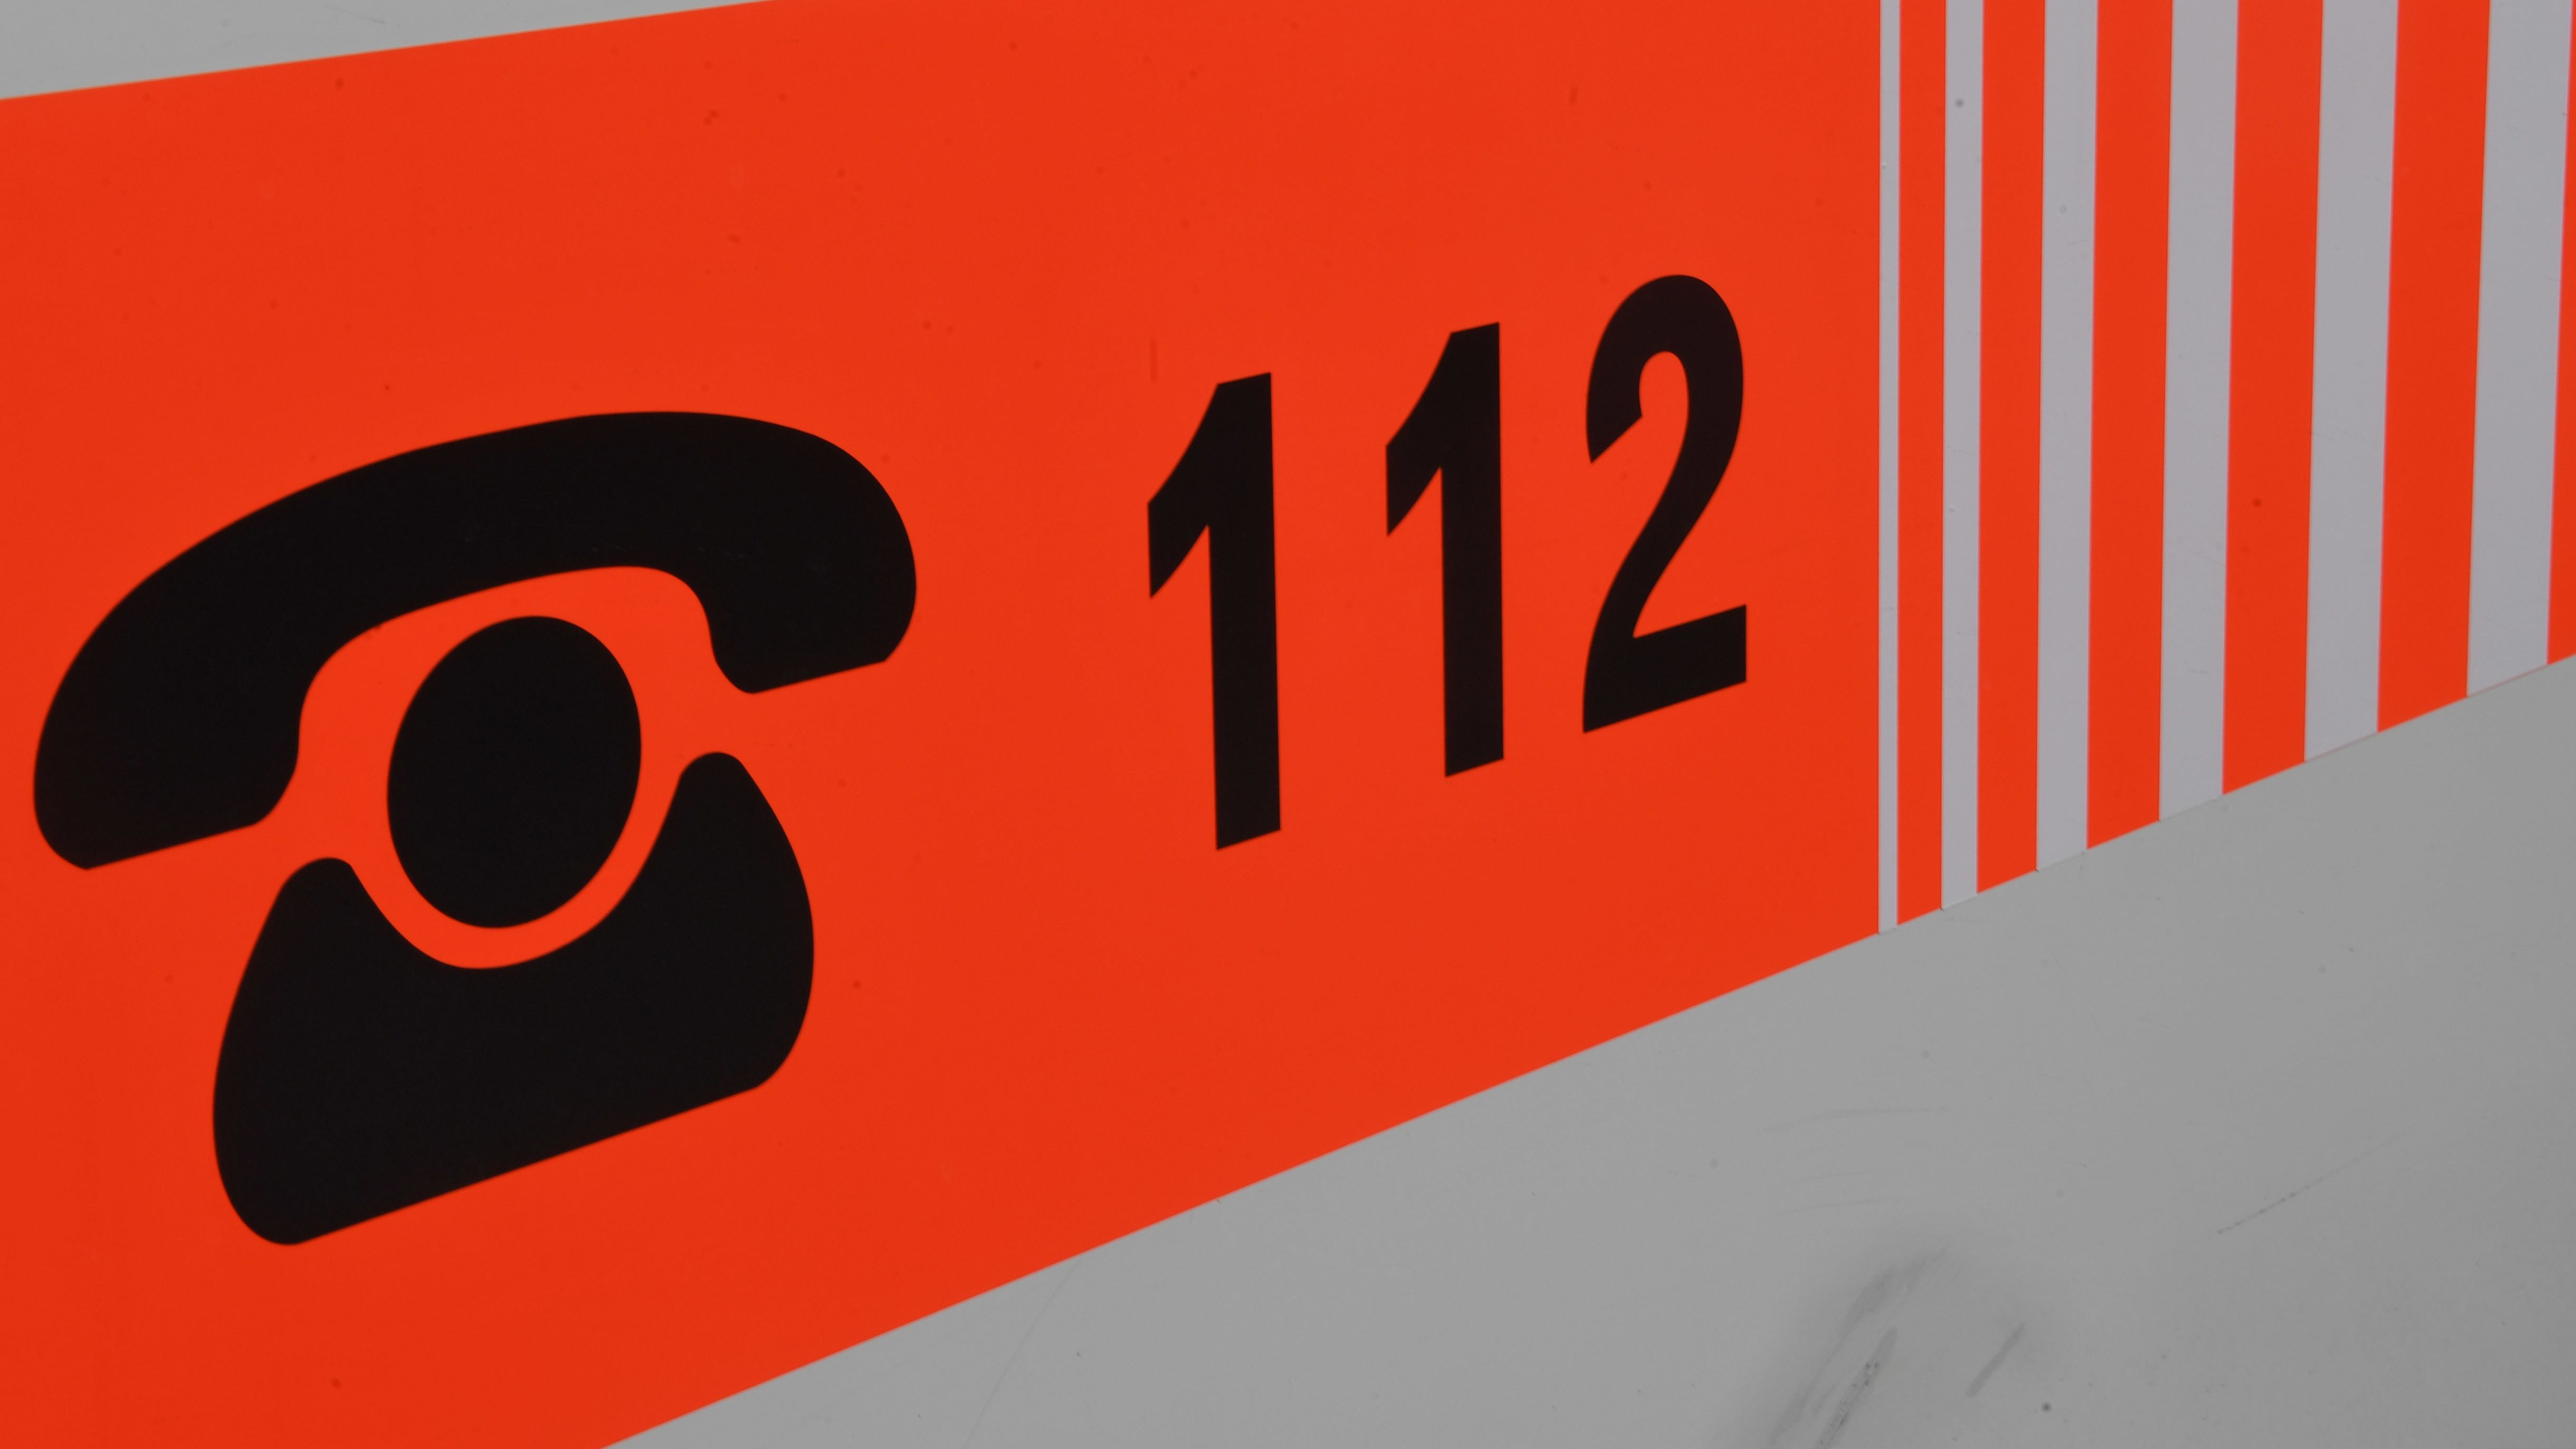 Rufnummer 112 auf einem Rettungswagen (Archiv)